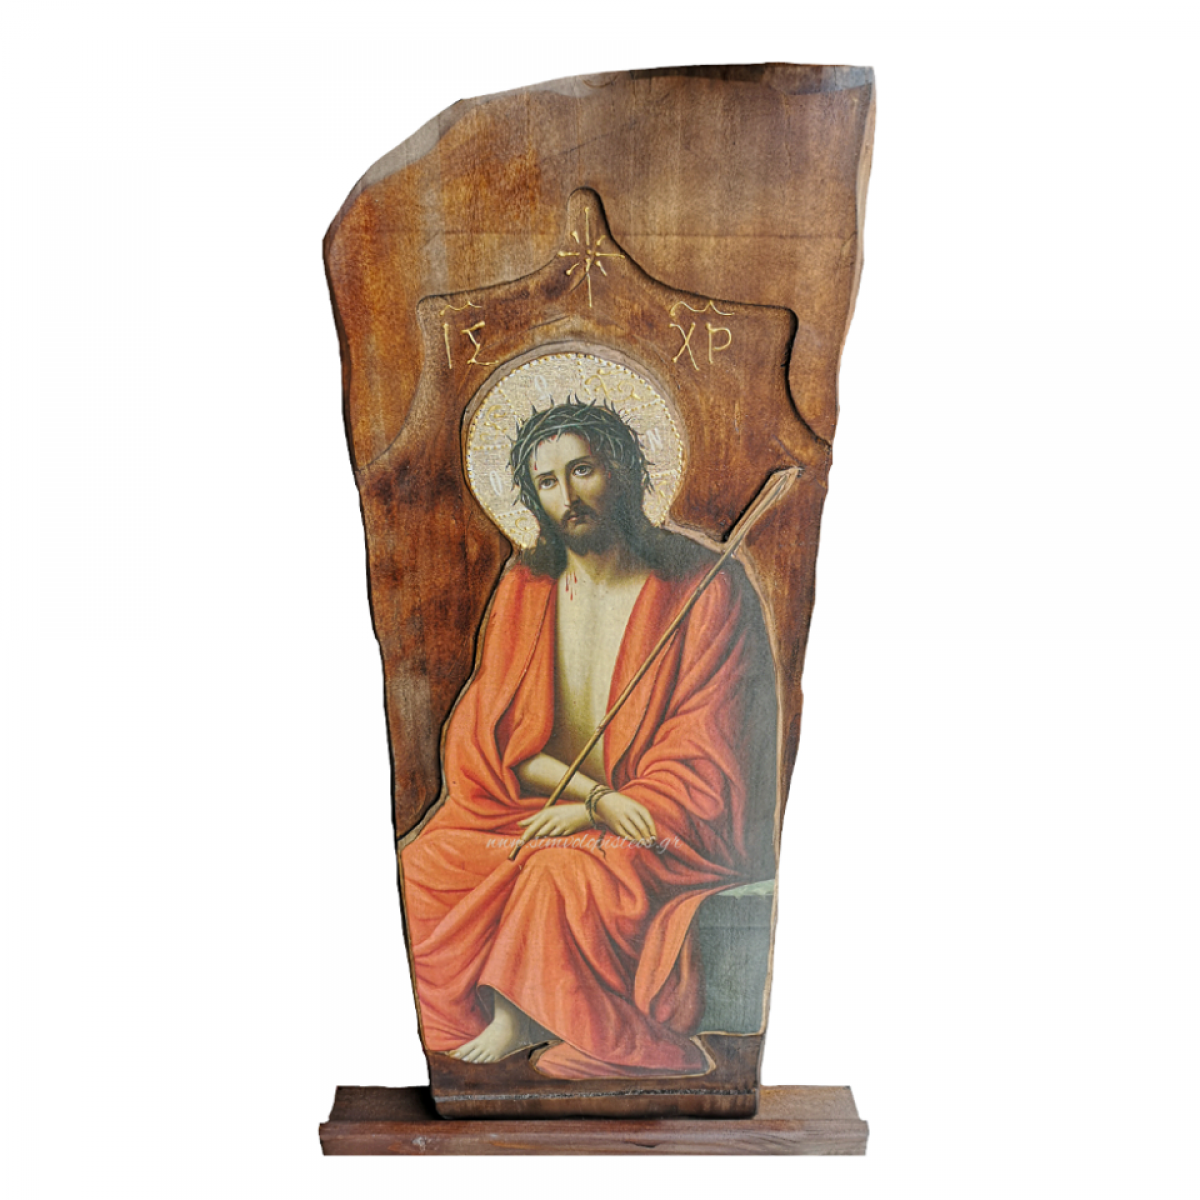 ΙΗΣΟΥΣ ΧΡΙΣΤΟΣ ΝΥΜΦΙΟΣ